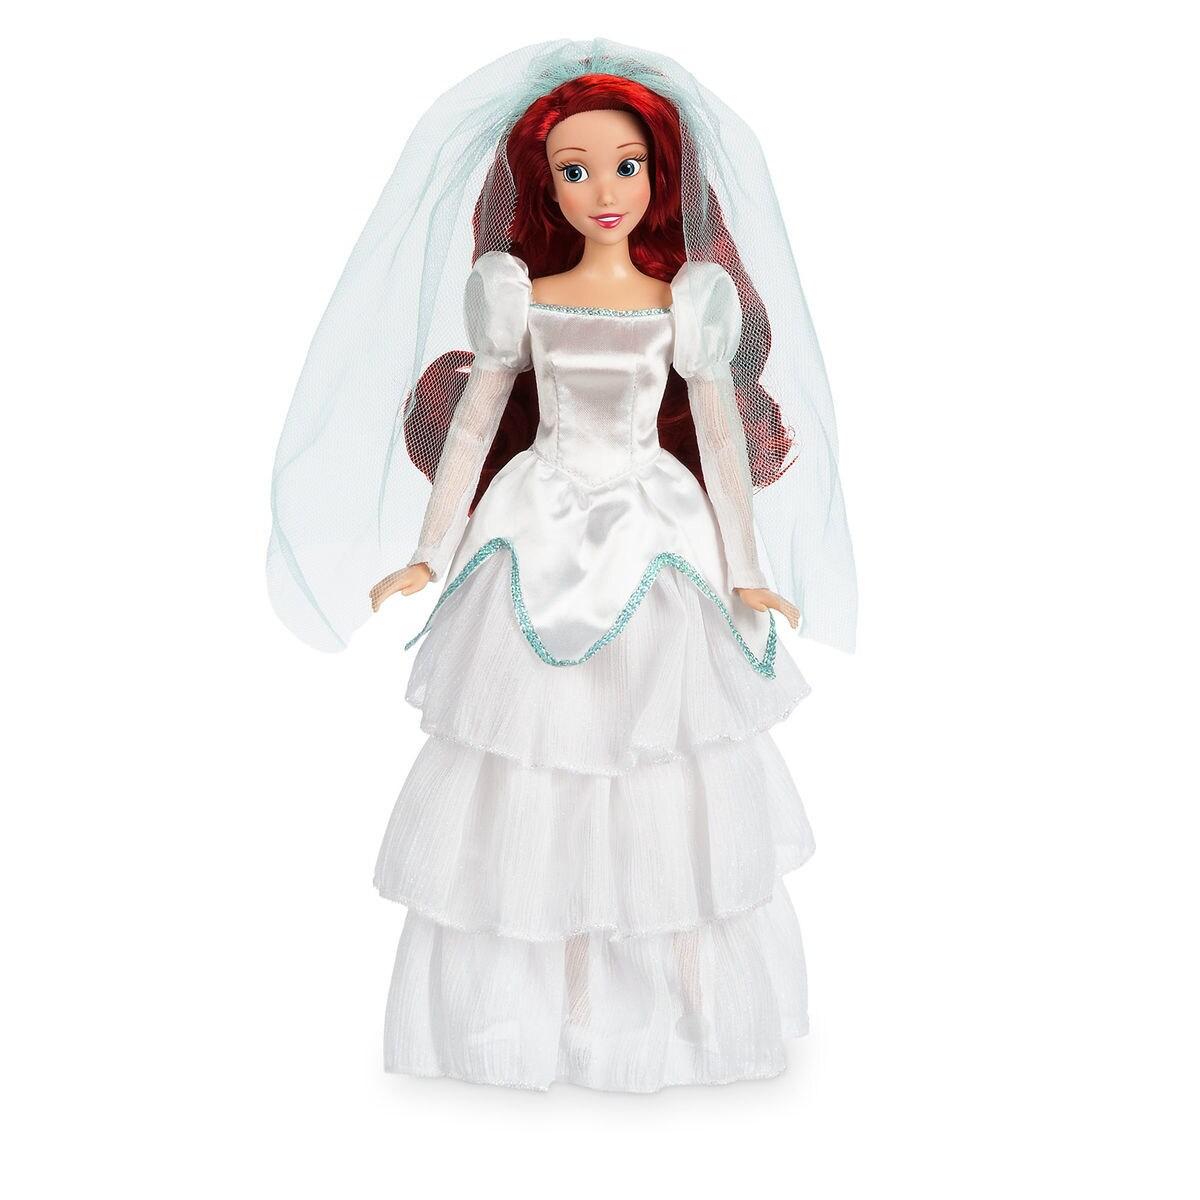 Ariel Wedding Classic Doll 11 12 Shopdisney